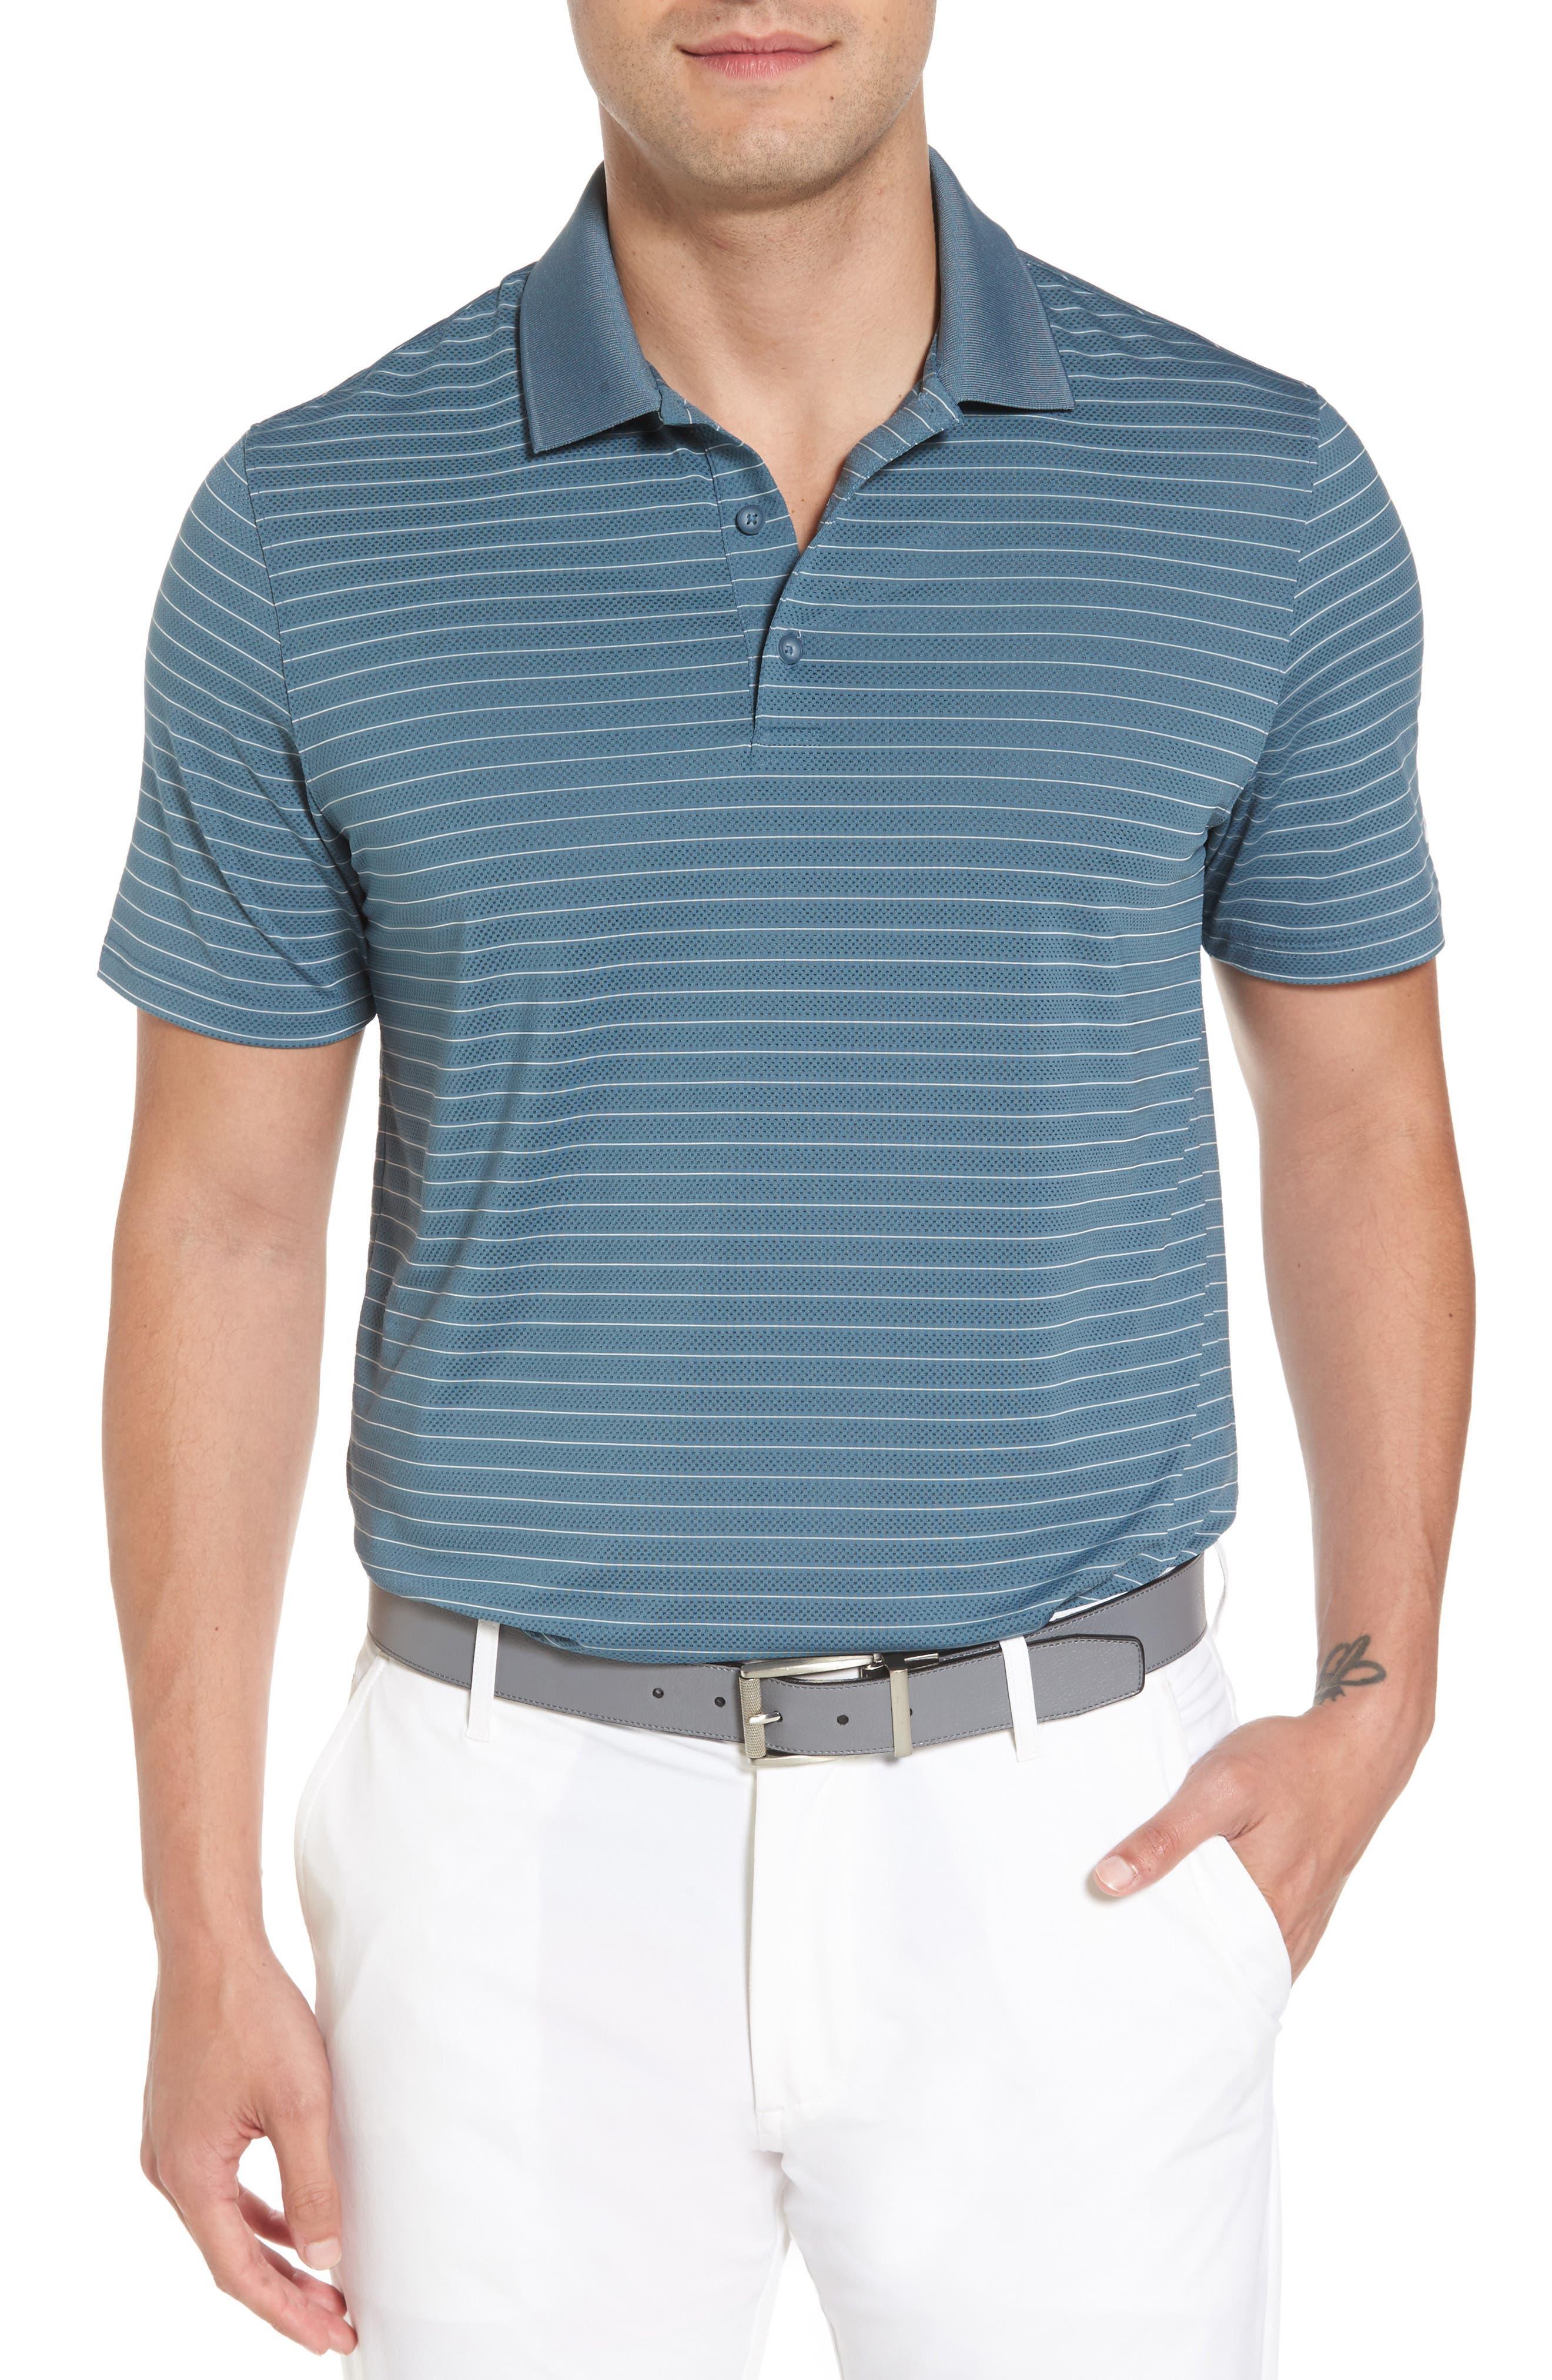 AG Trexler Stripe Polo